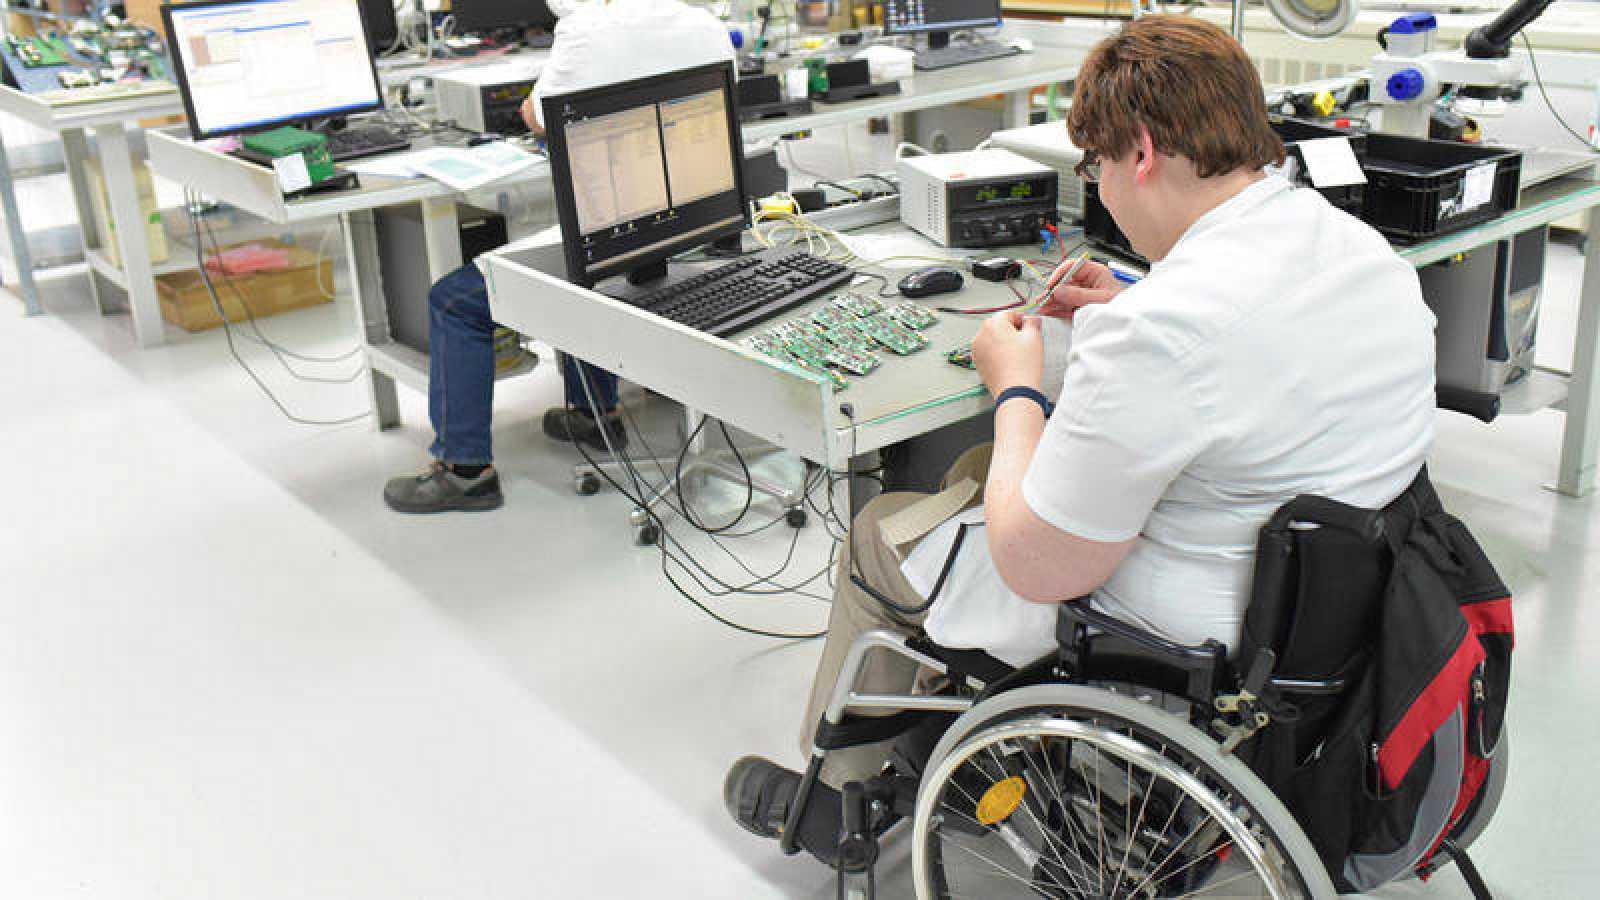 Discapacitado trabajando en una fábrica de ensamblaje de componentes electrónicos.